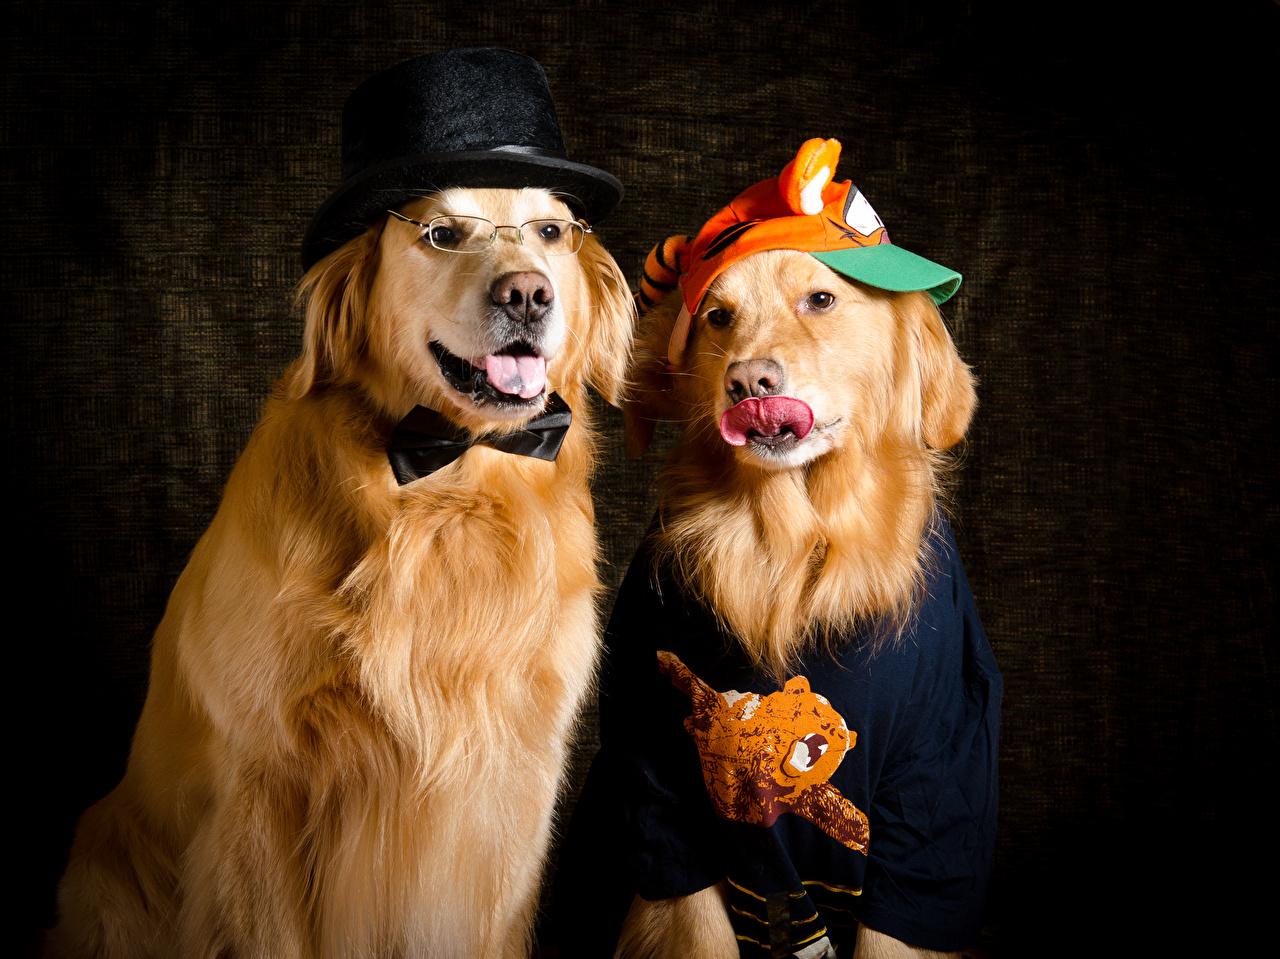 Bilder Golden Retriever Hunde 2 Der Hut Tiere hund Zwei ein Tier